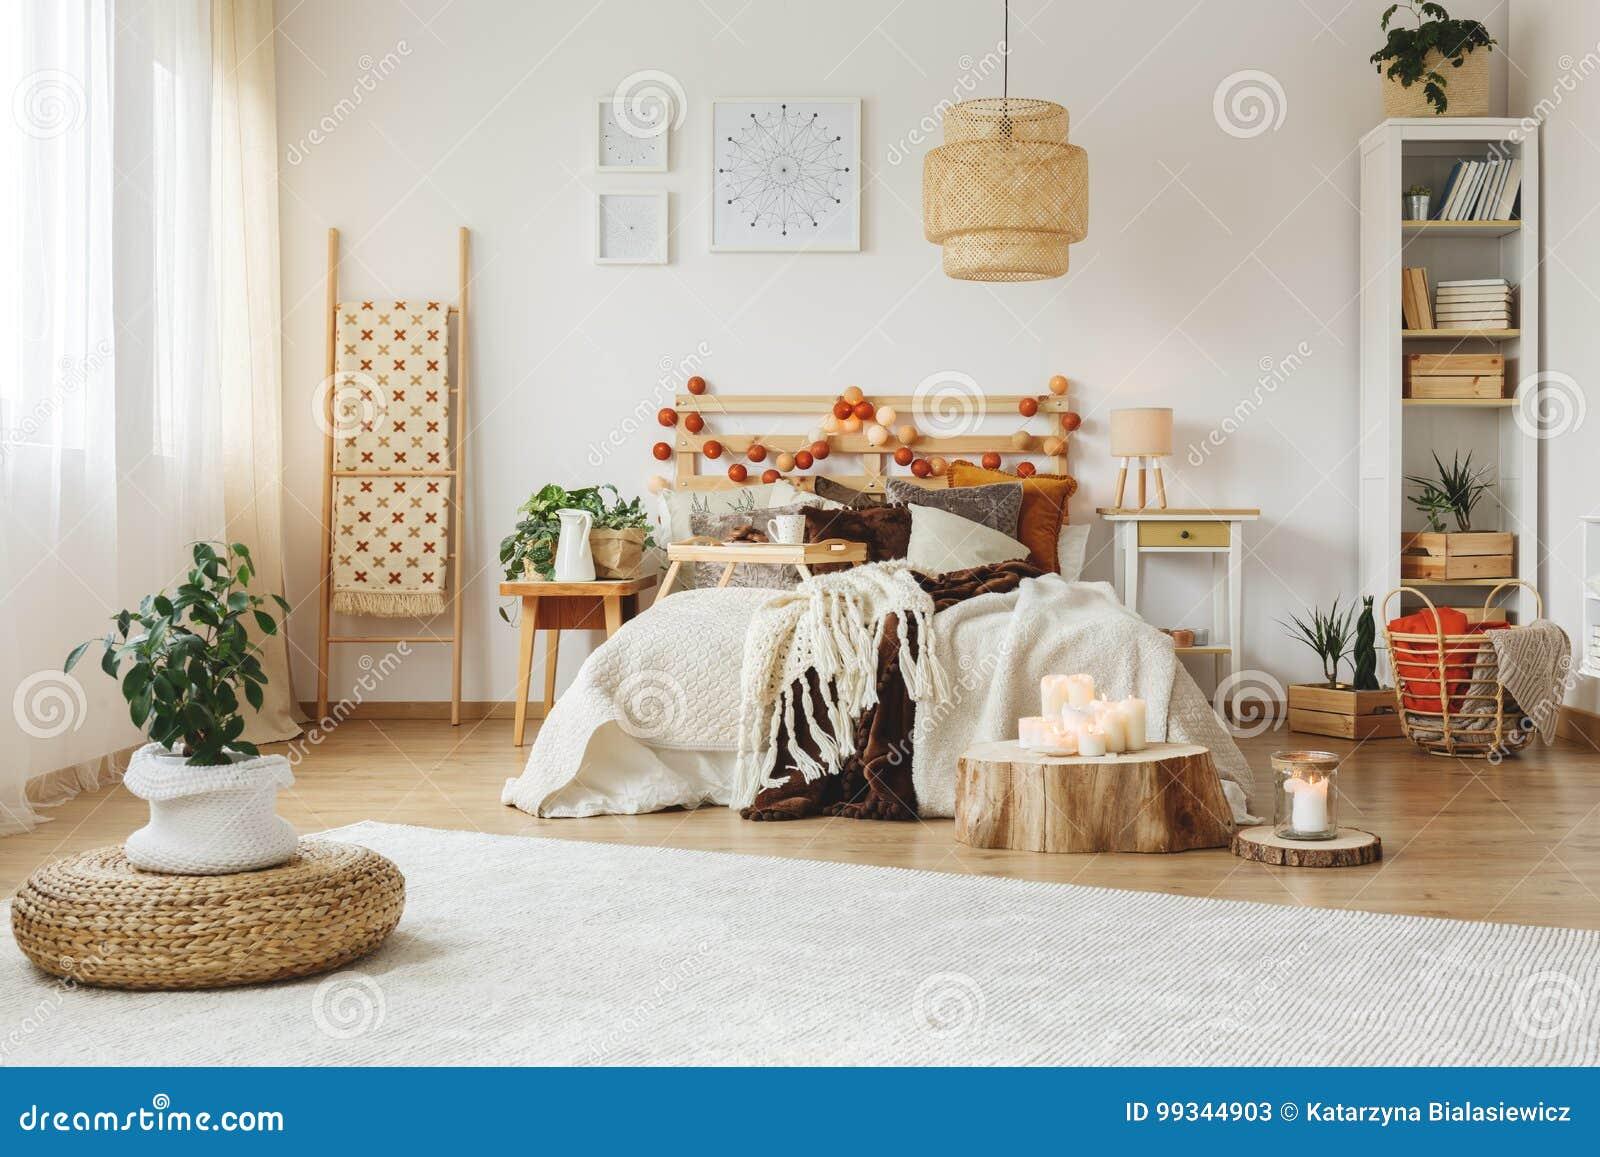 Schlafzimmer Mit Großem Weißem Teppich Stockbild Bild Von Flach